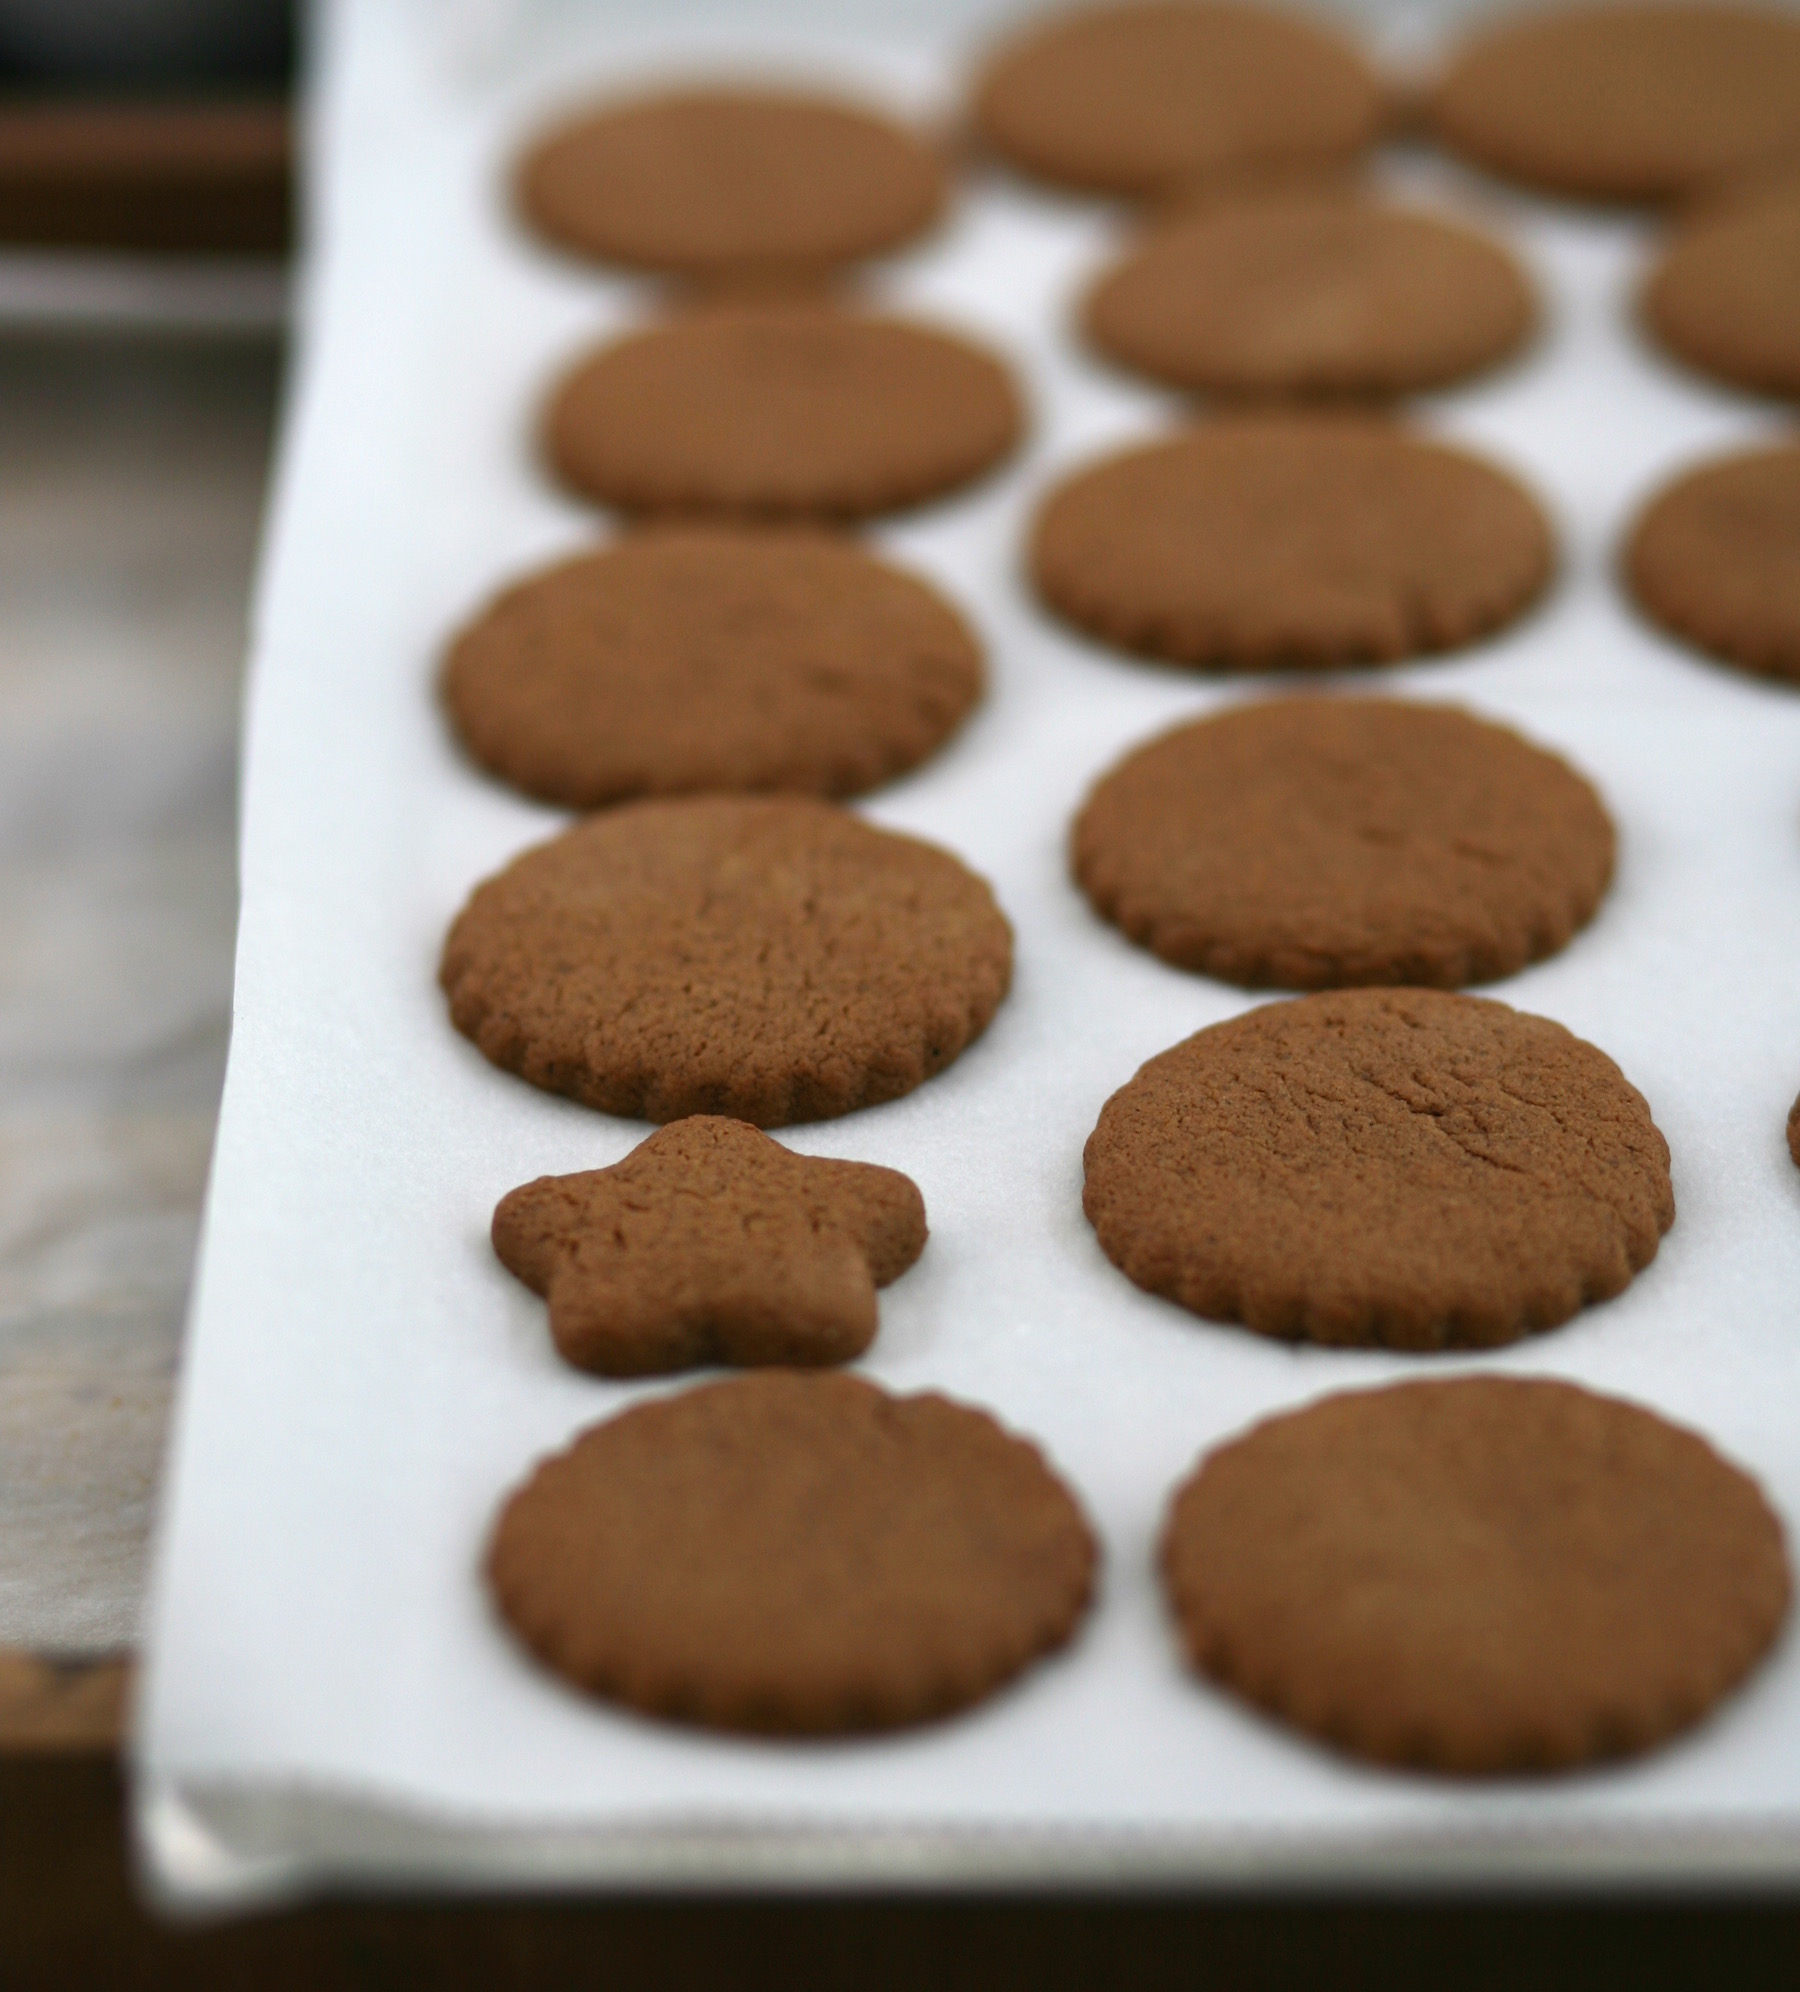 עוגיות ג׳ינג׳ר וקינמון של איקאה